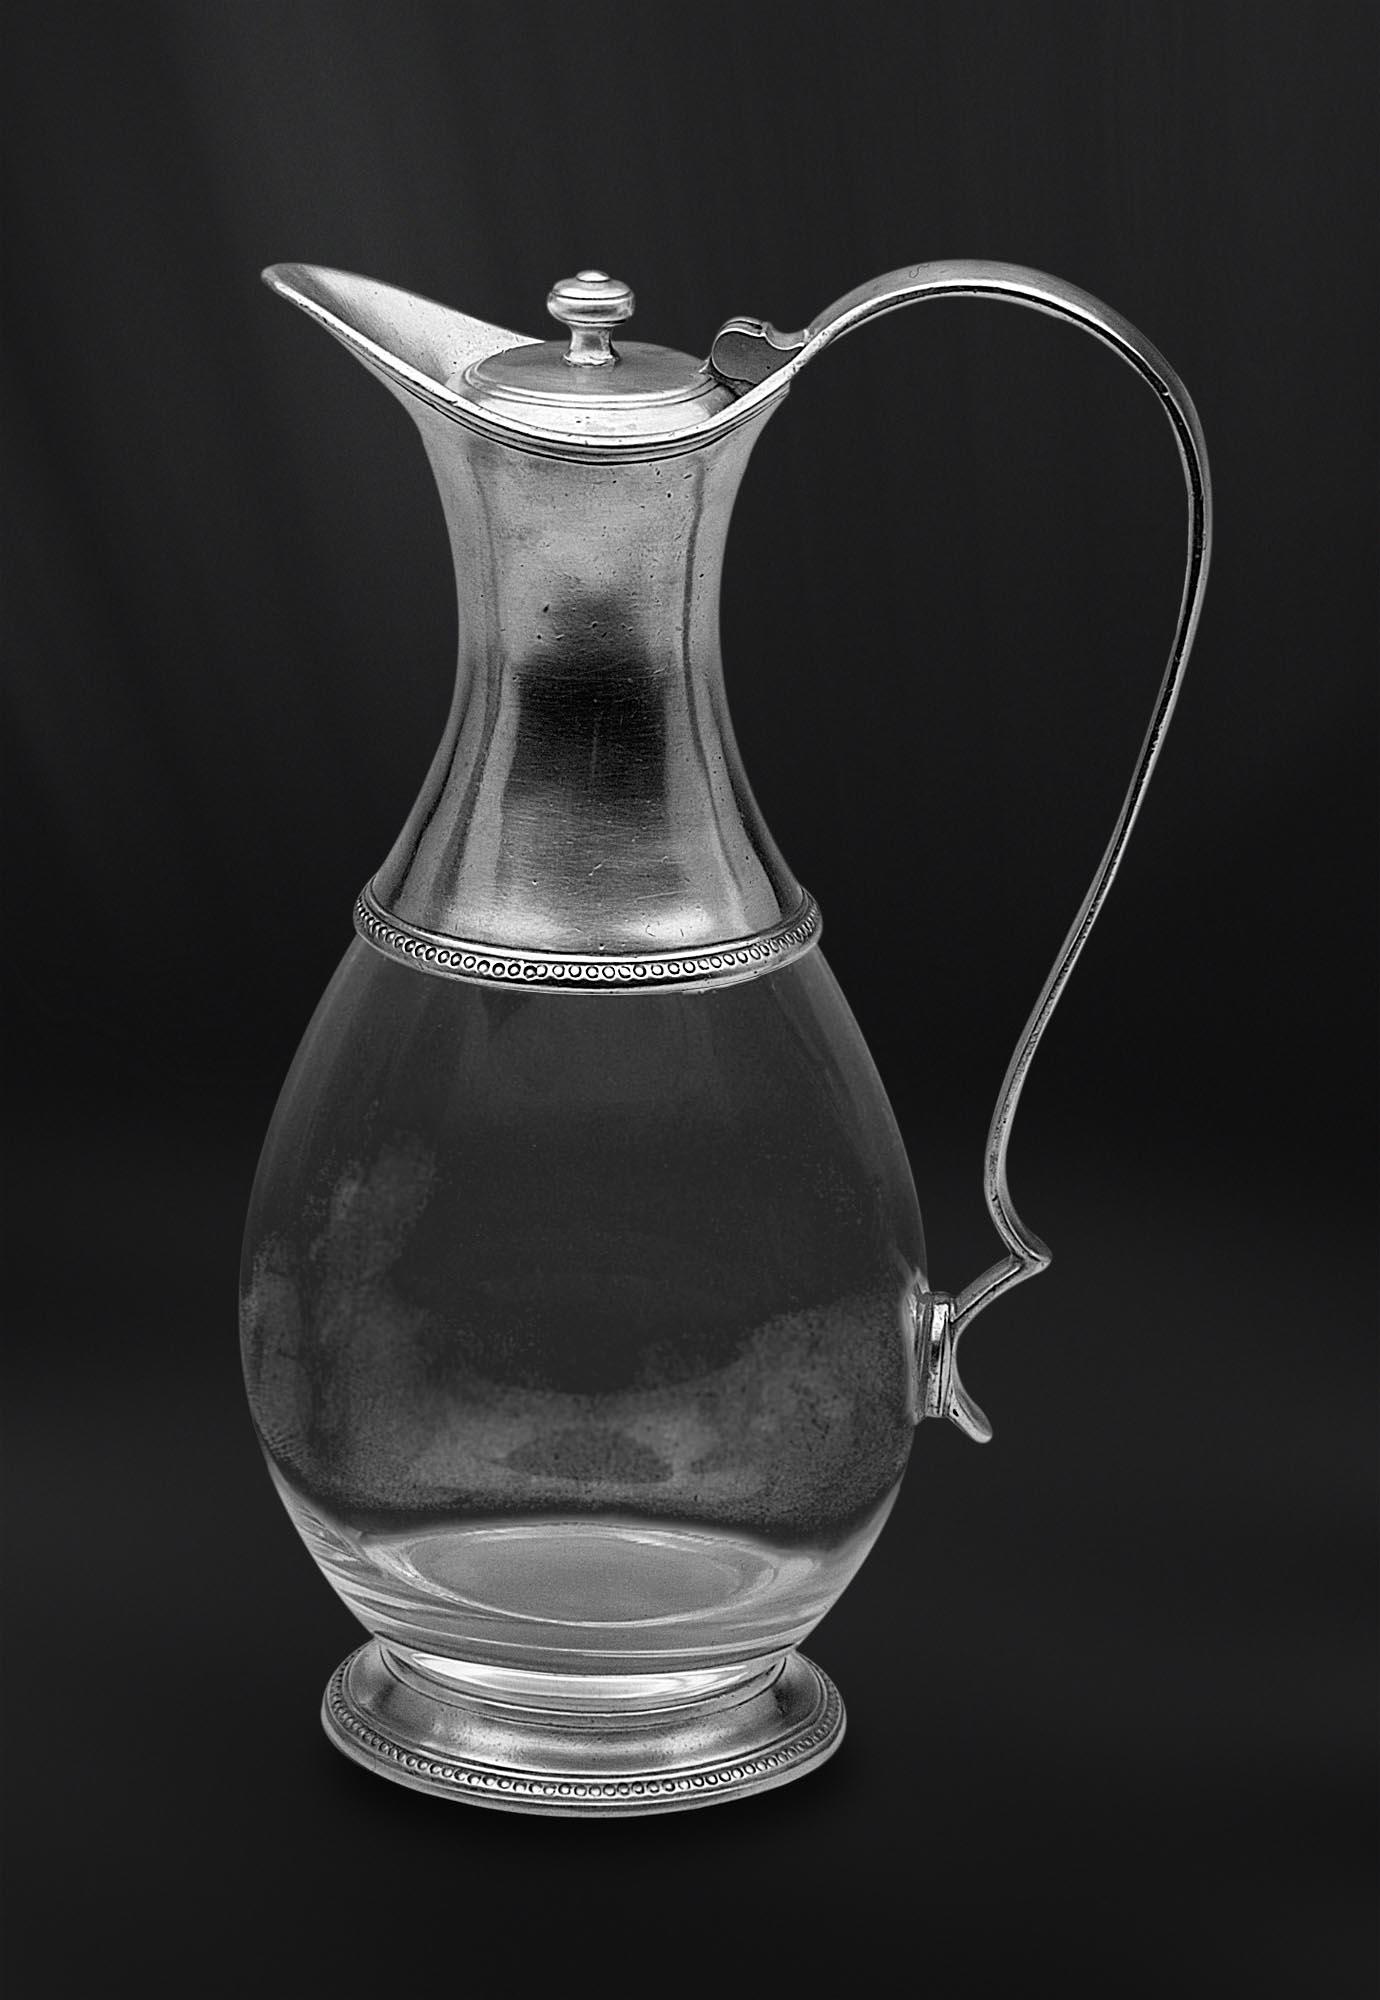 CARAFE BOUTEILLE DECANTEUR etain antique